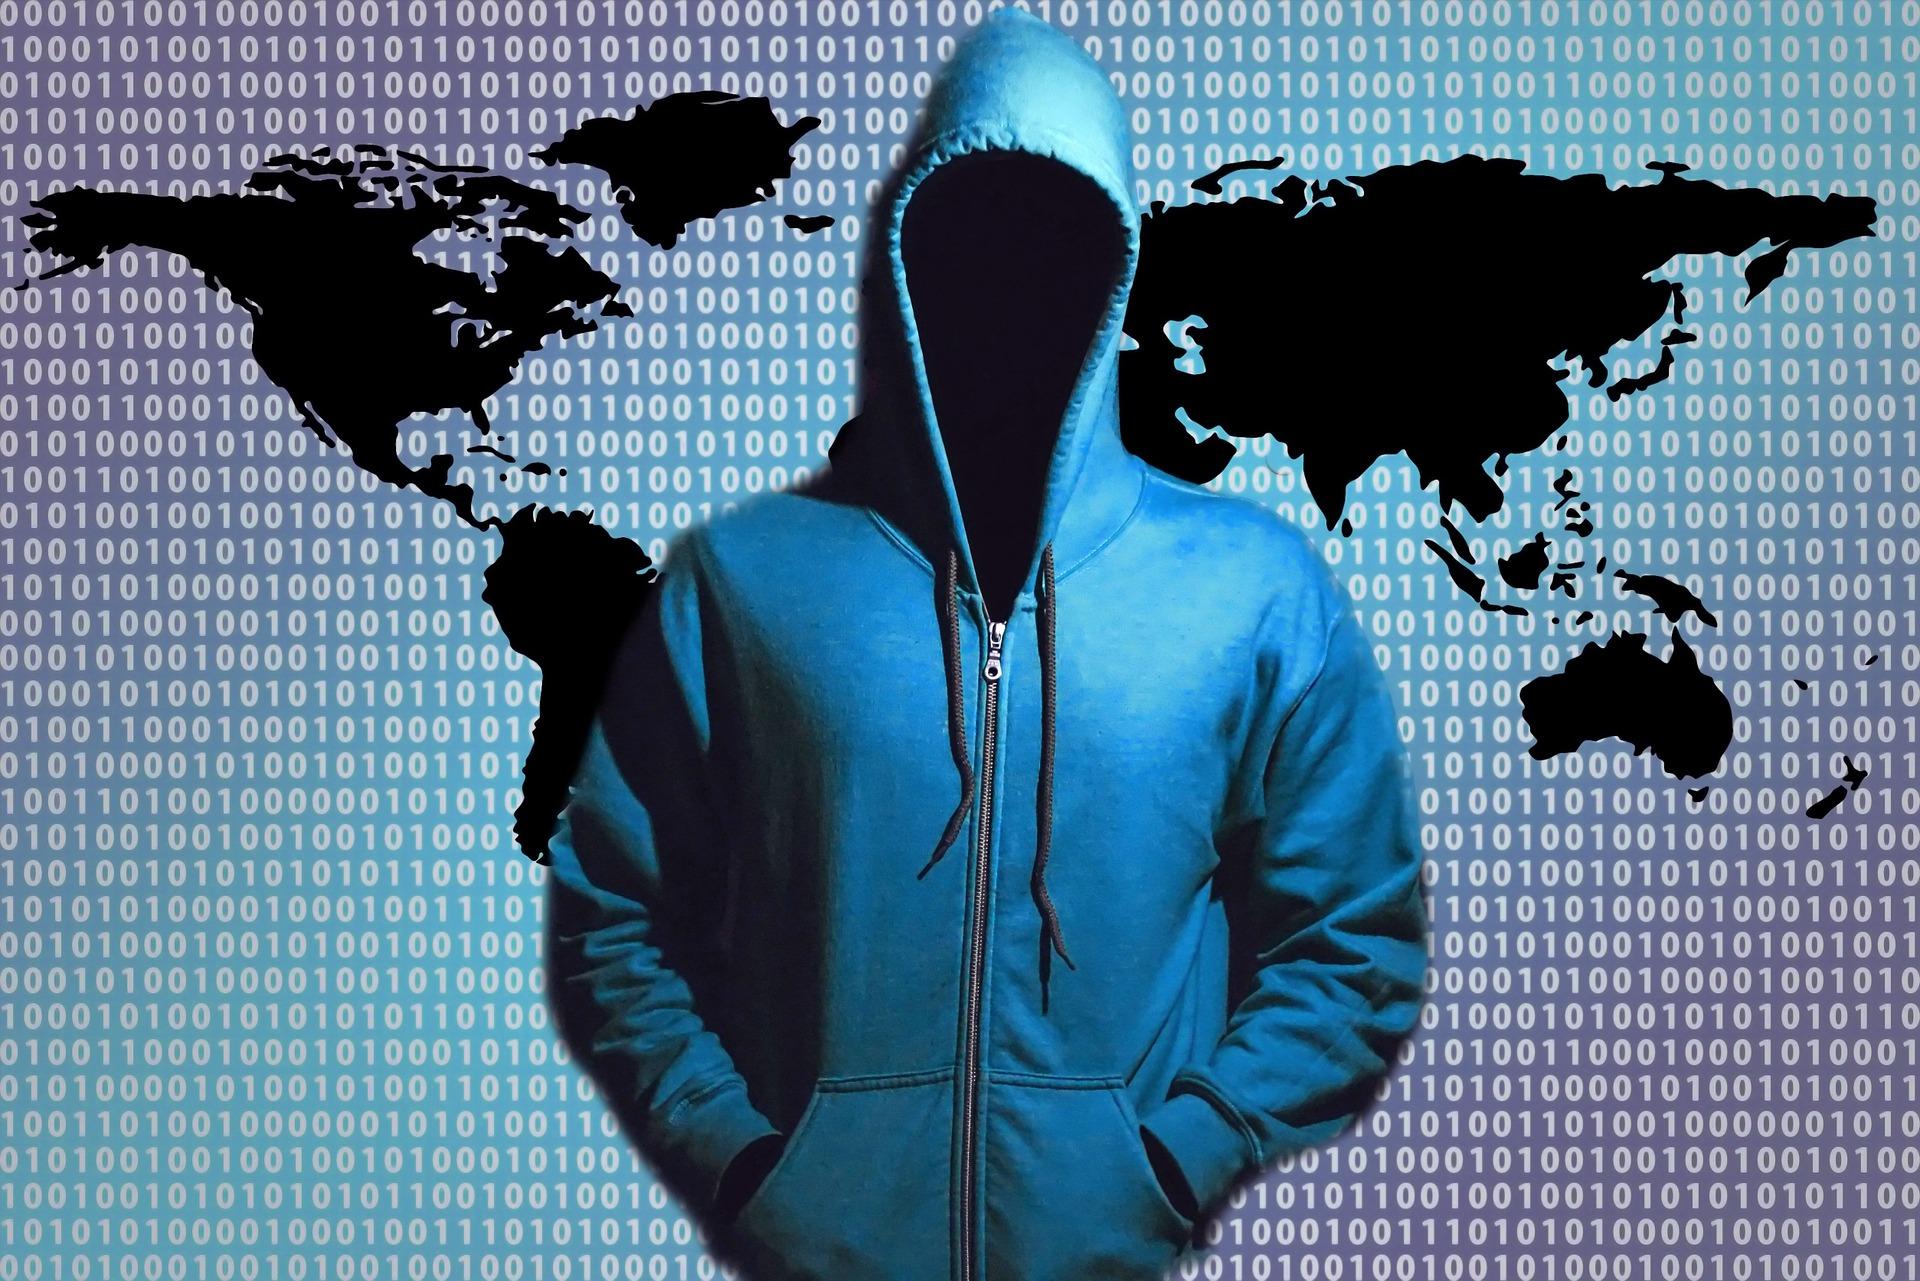 Hacker-Einbruch oder Hacker-Hausfriedensbruch?